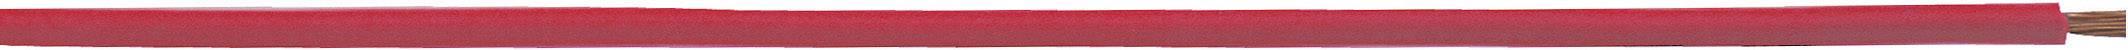 Opletenie / lanko LappKabel 4510093S H05V-K, 1 x 1 mm², vonkajší Ø 2.80 mm, 250 m, oranžová